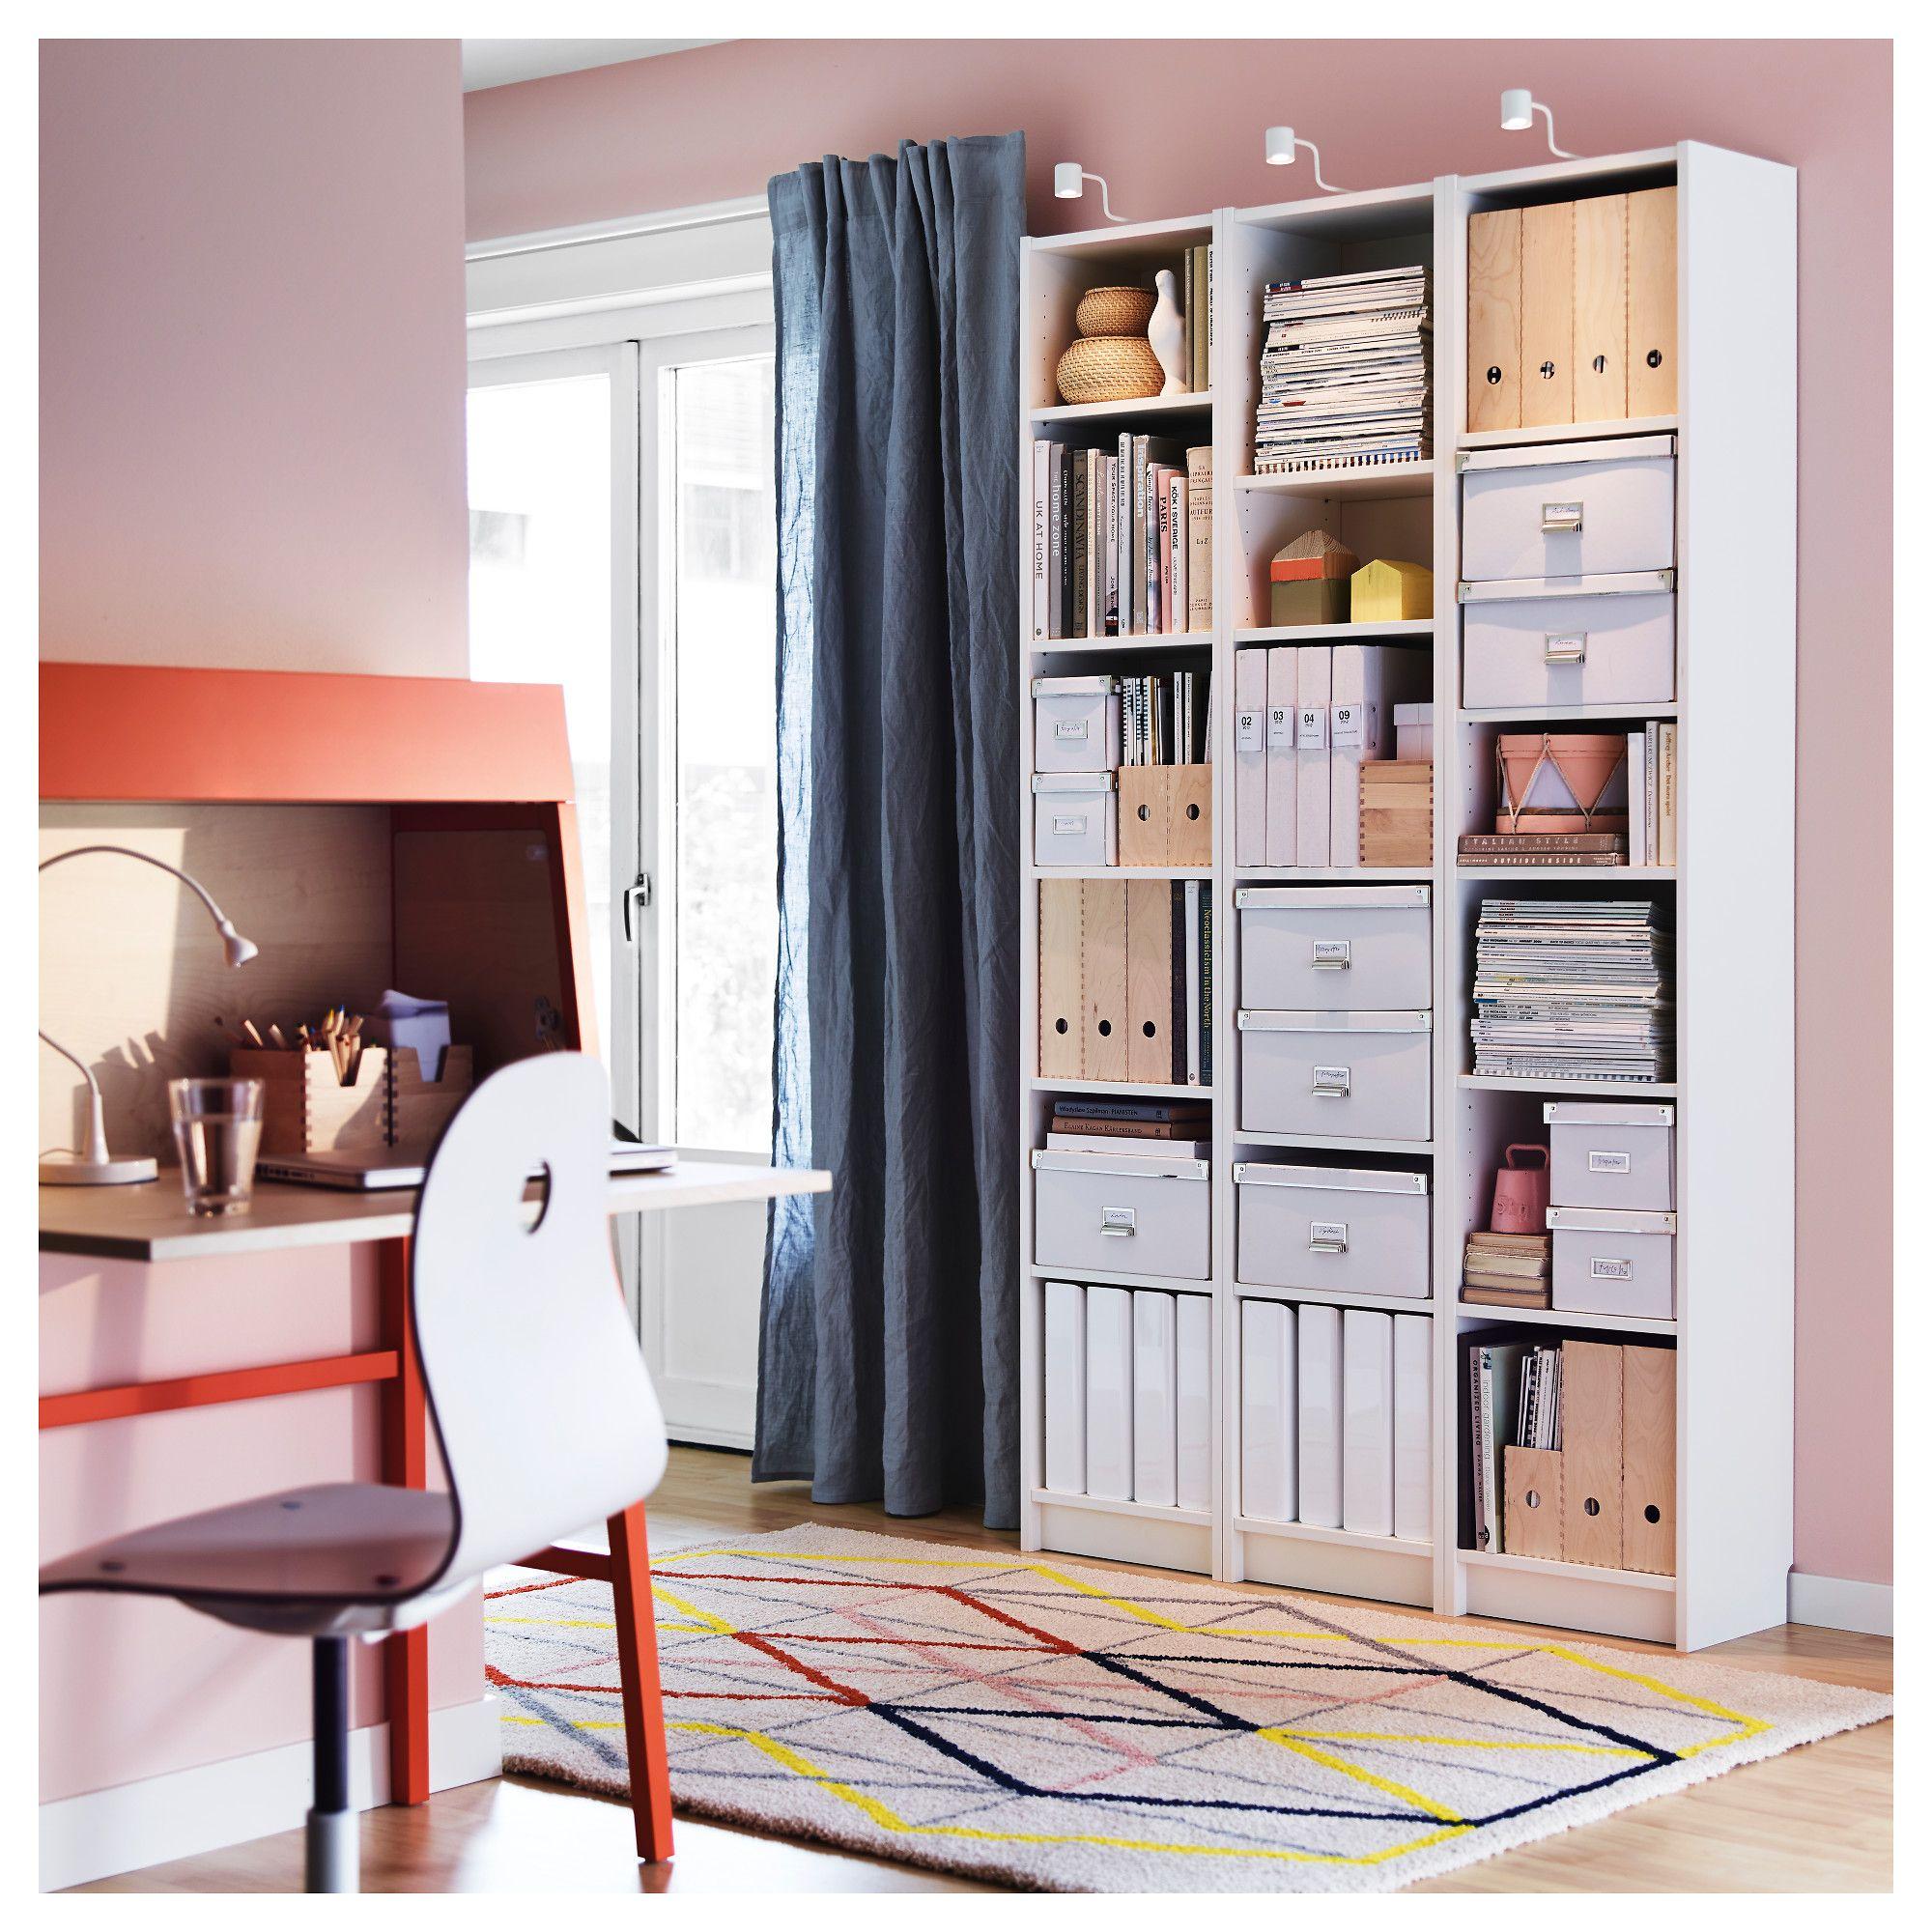 a2bd0d92e582b83871b2294e7f0ceab6 Frais De Table Bois Ikea Des Idées